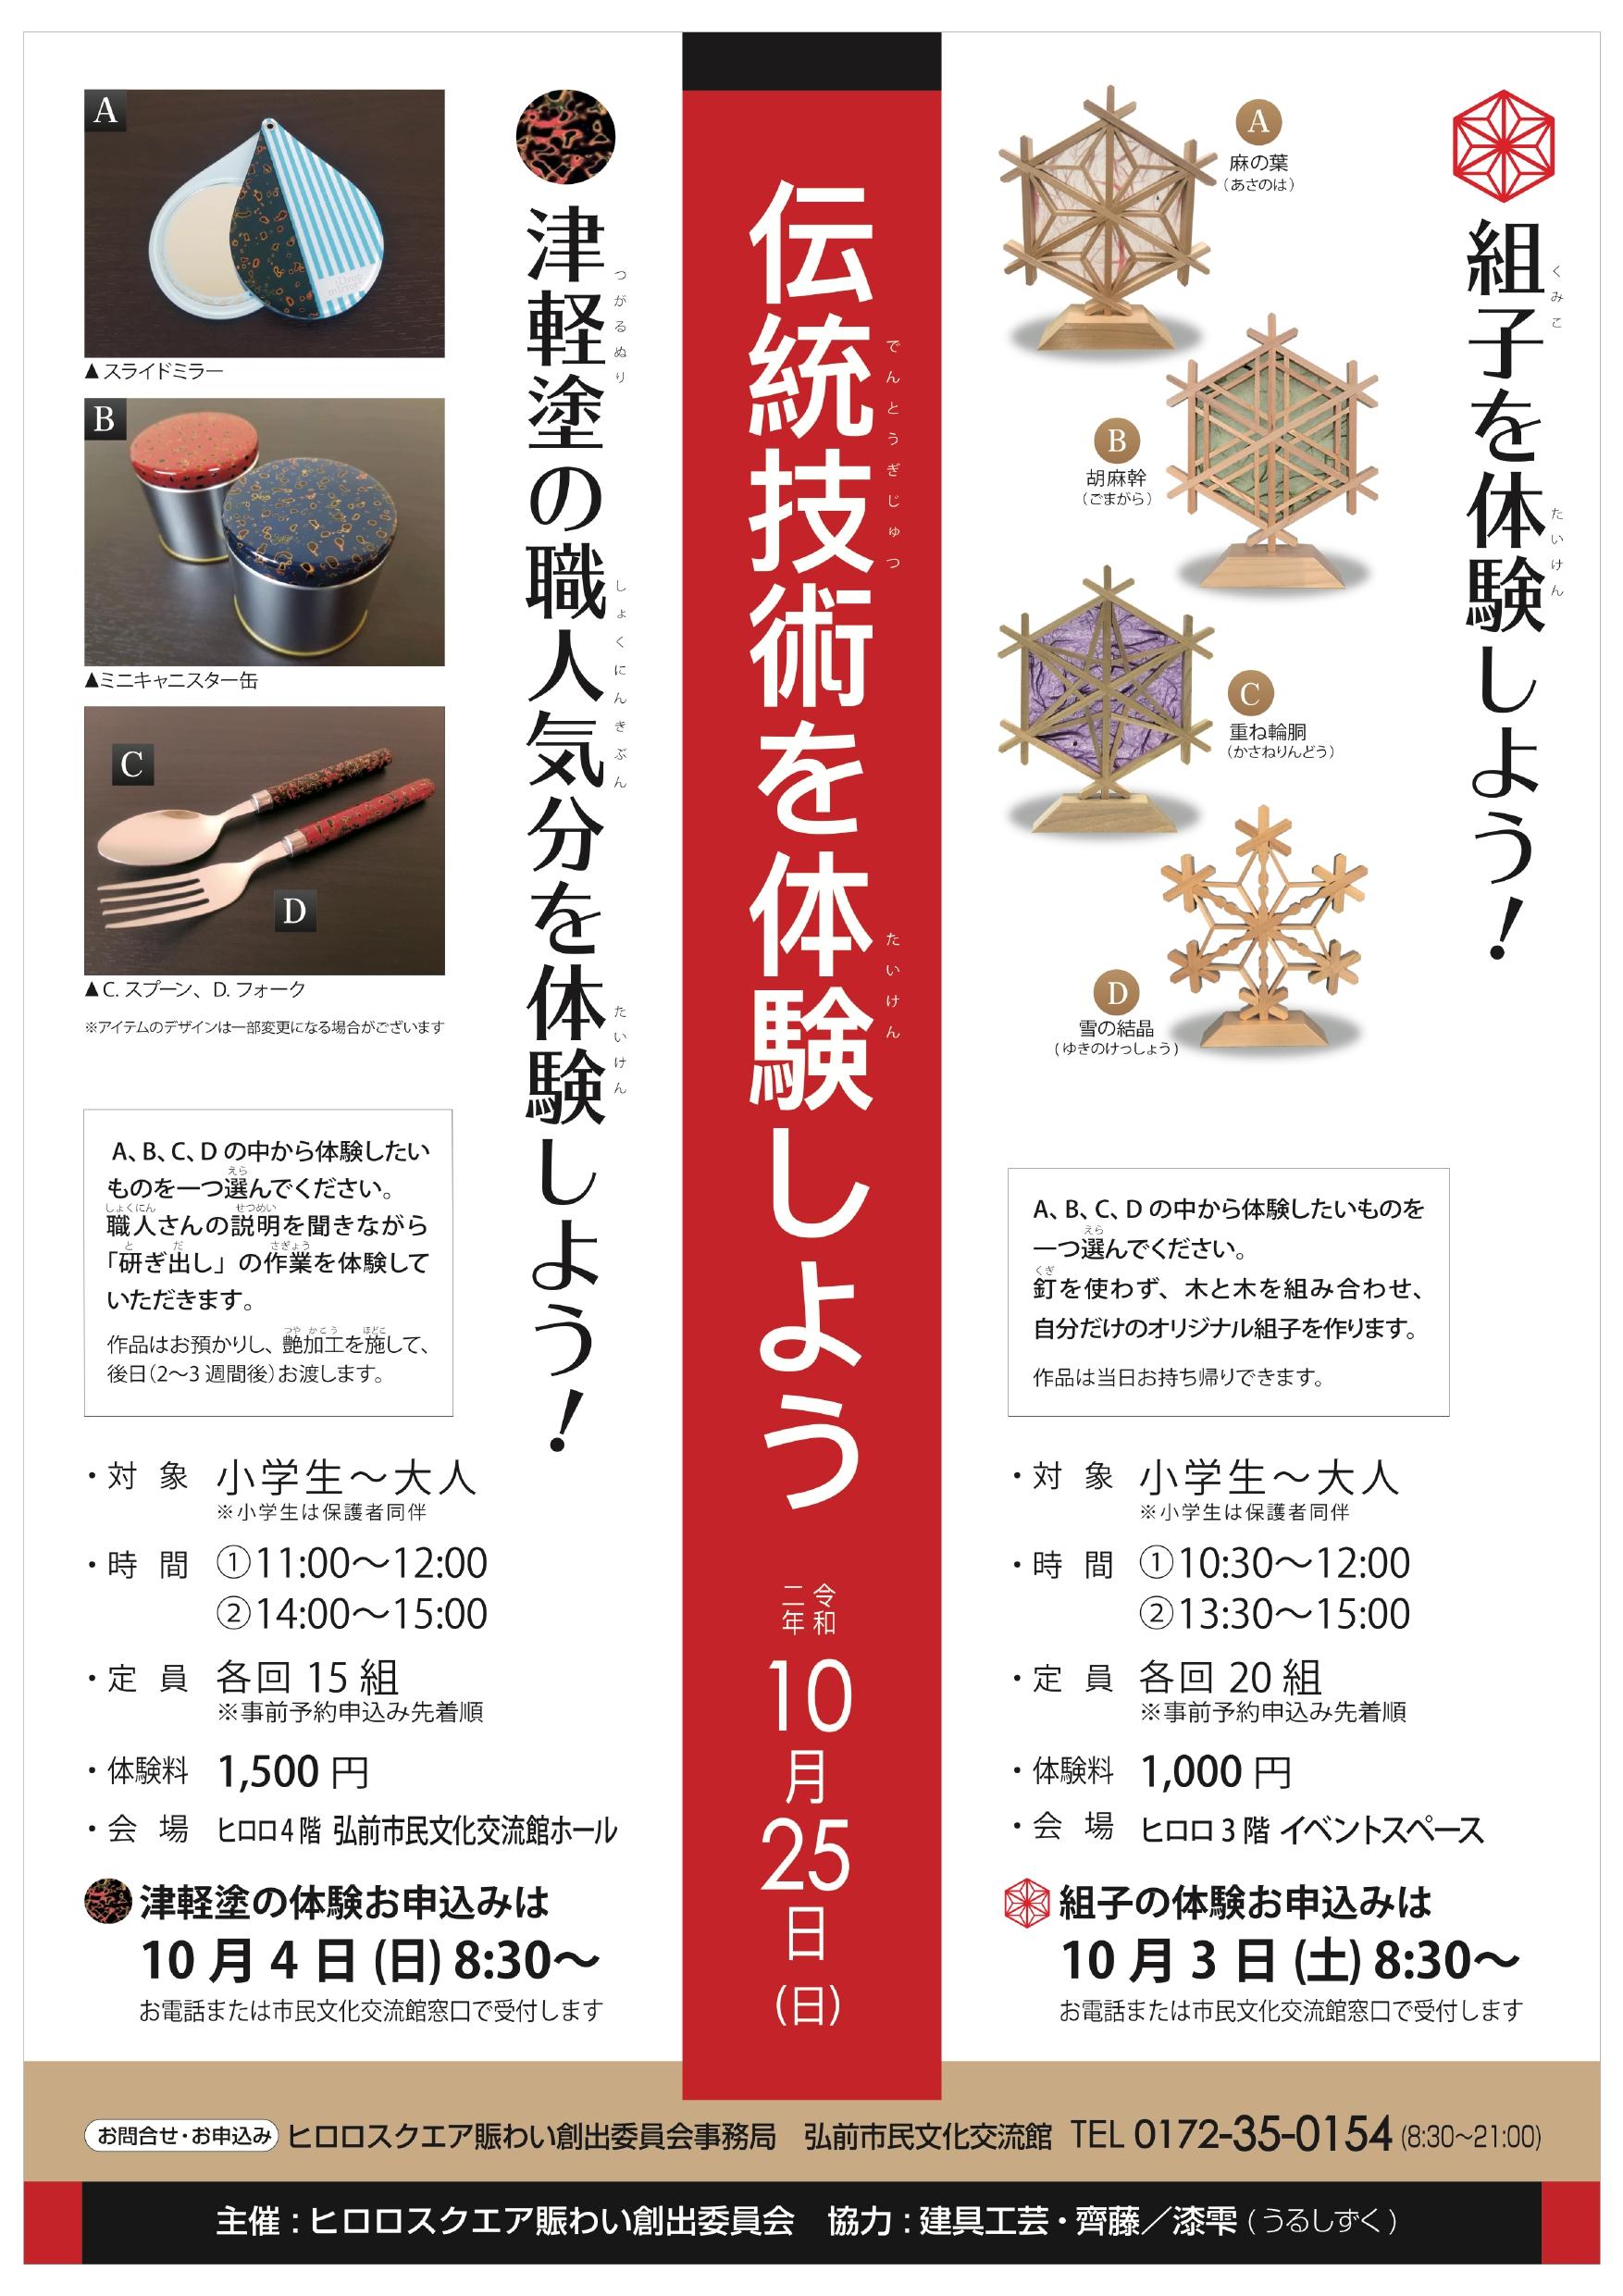 日本の伝統技術を体験してみよう!(組子・津軽塗)